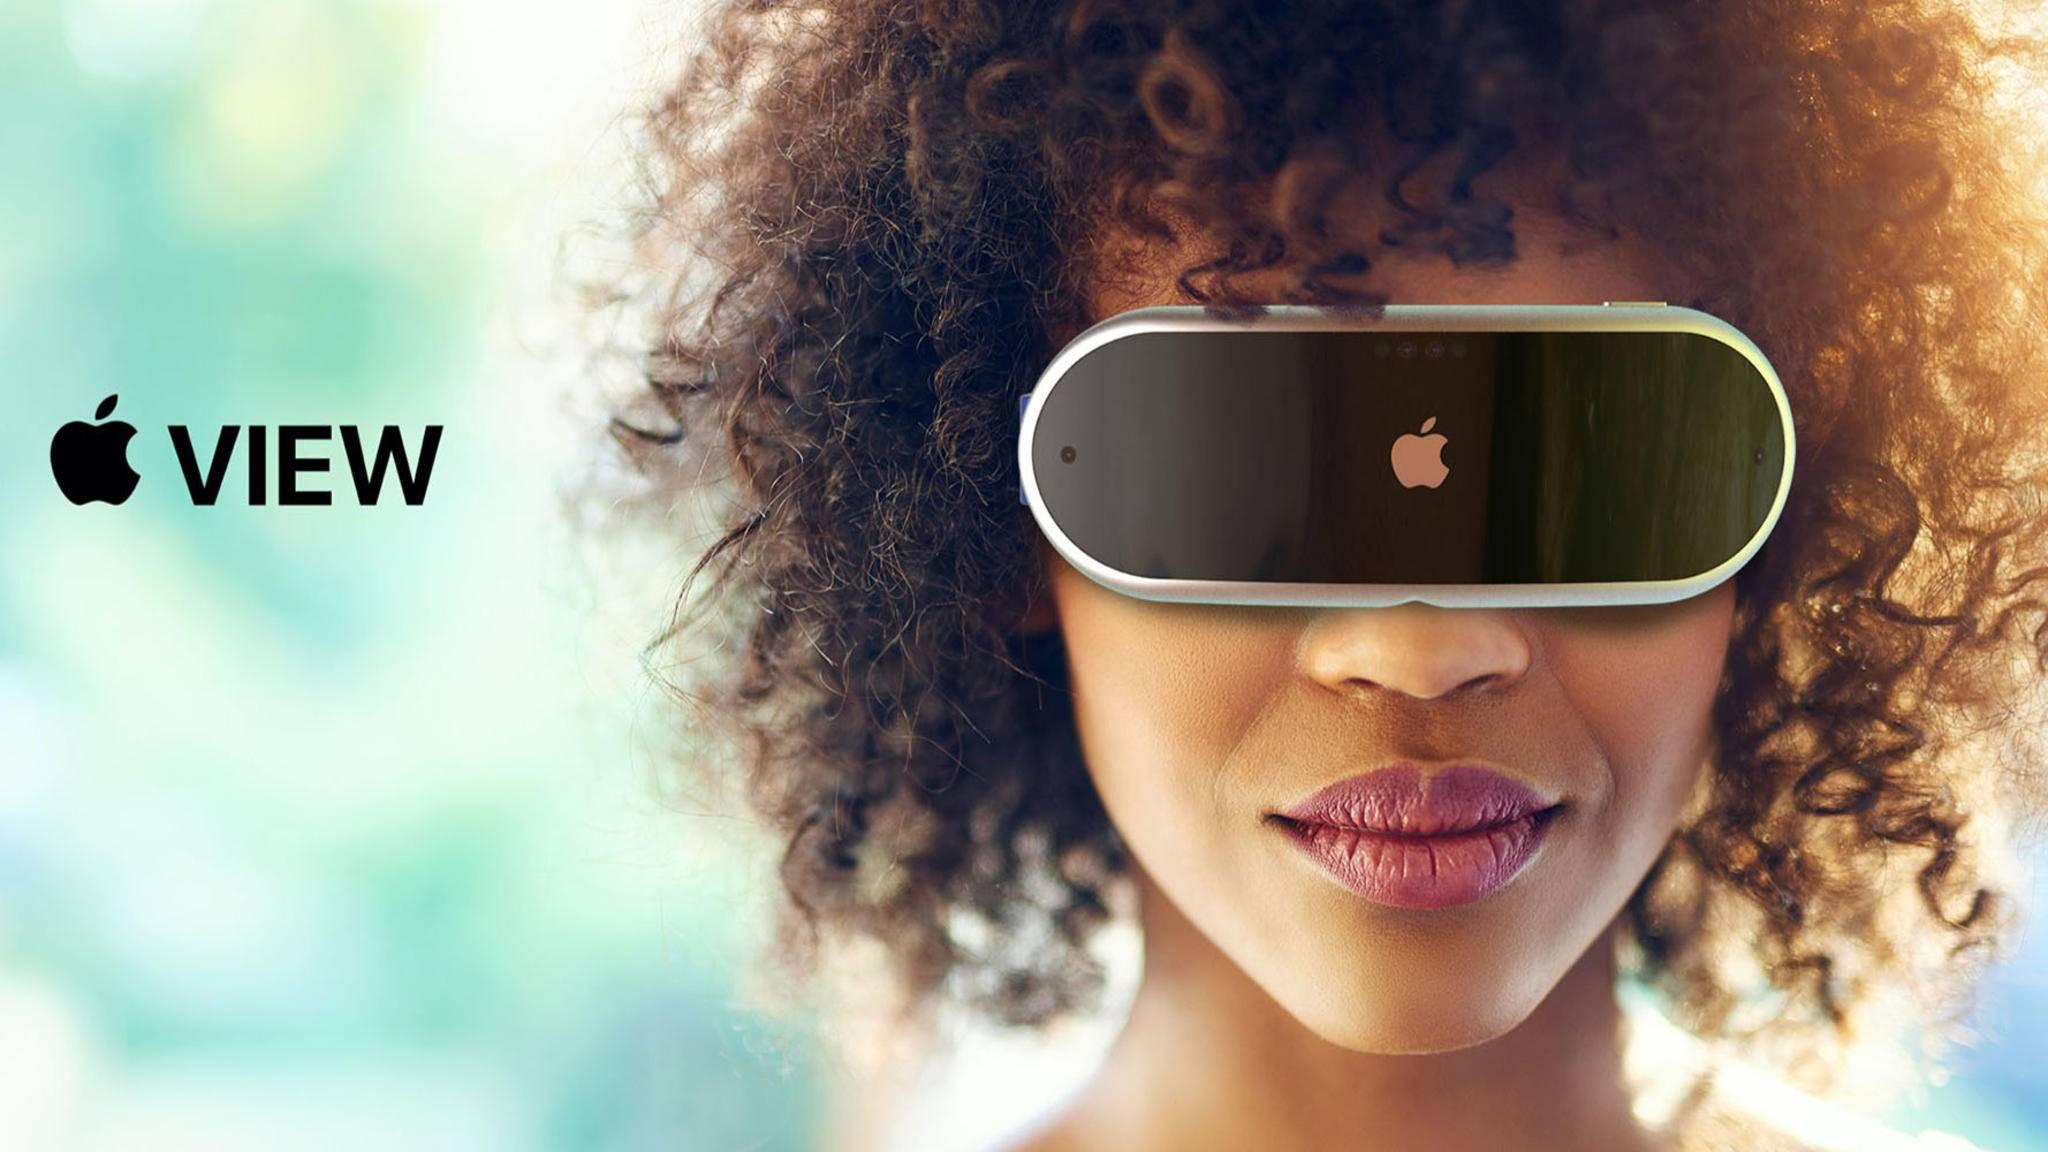 Wird Apples erstes VR-Headset etwa so aussehen?